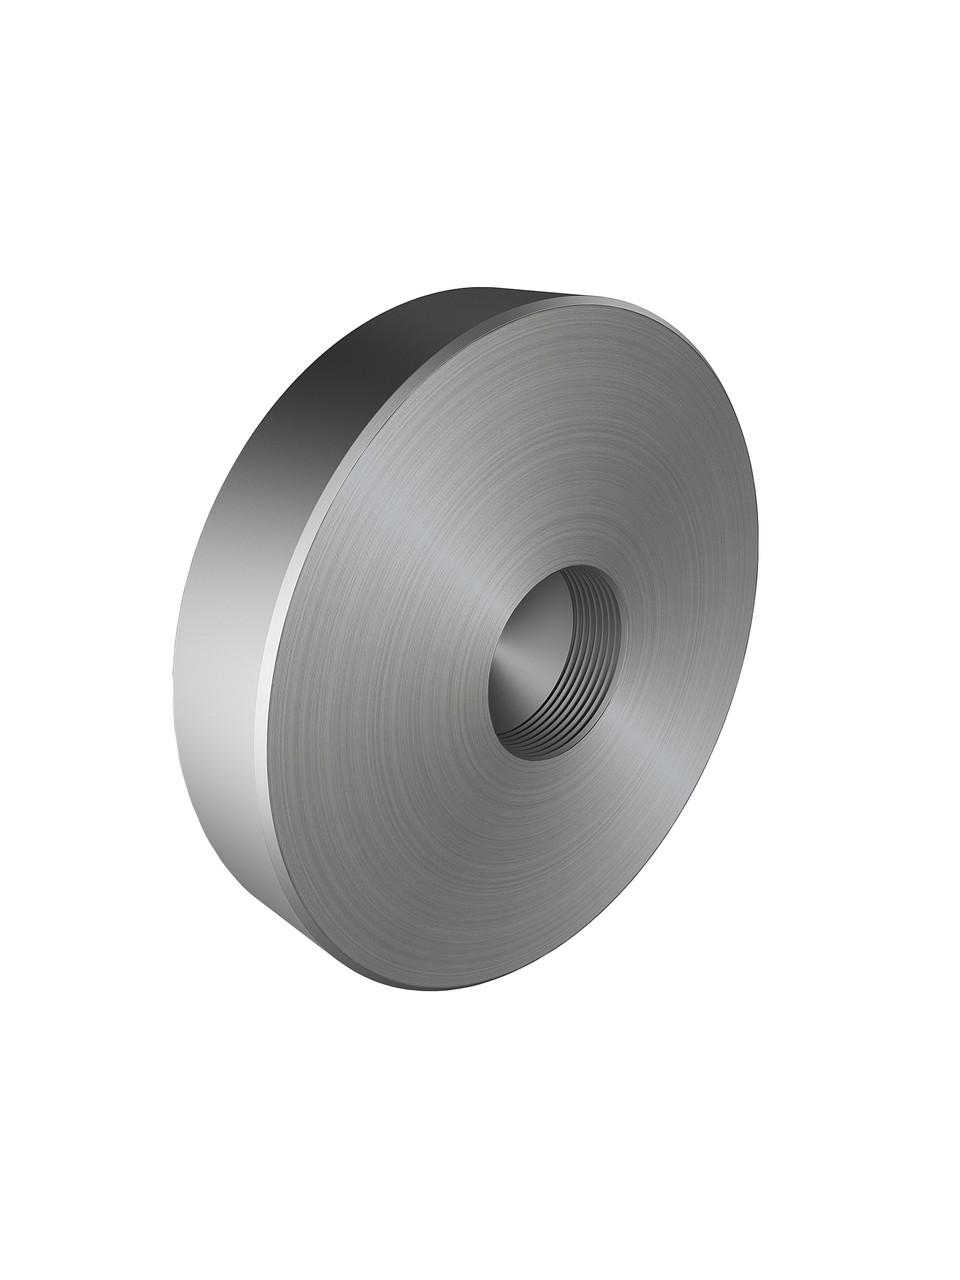 ODF-06-38-01 Коннектор круглый прижимной без отверстий d50 M10, для стеклянного ограждения, сатин